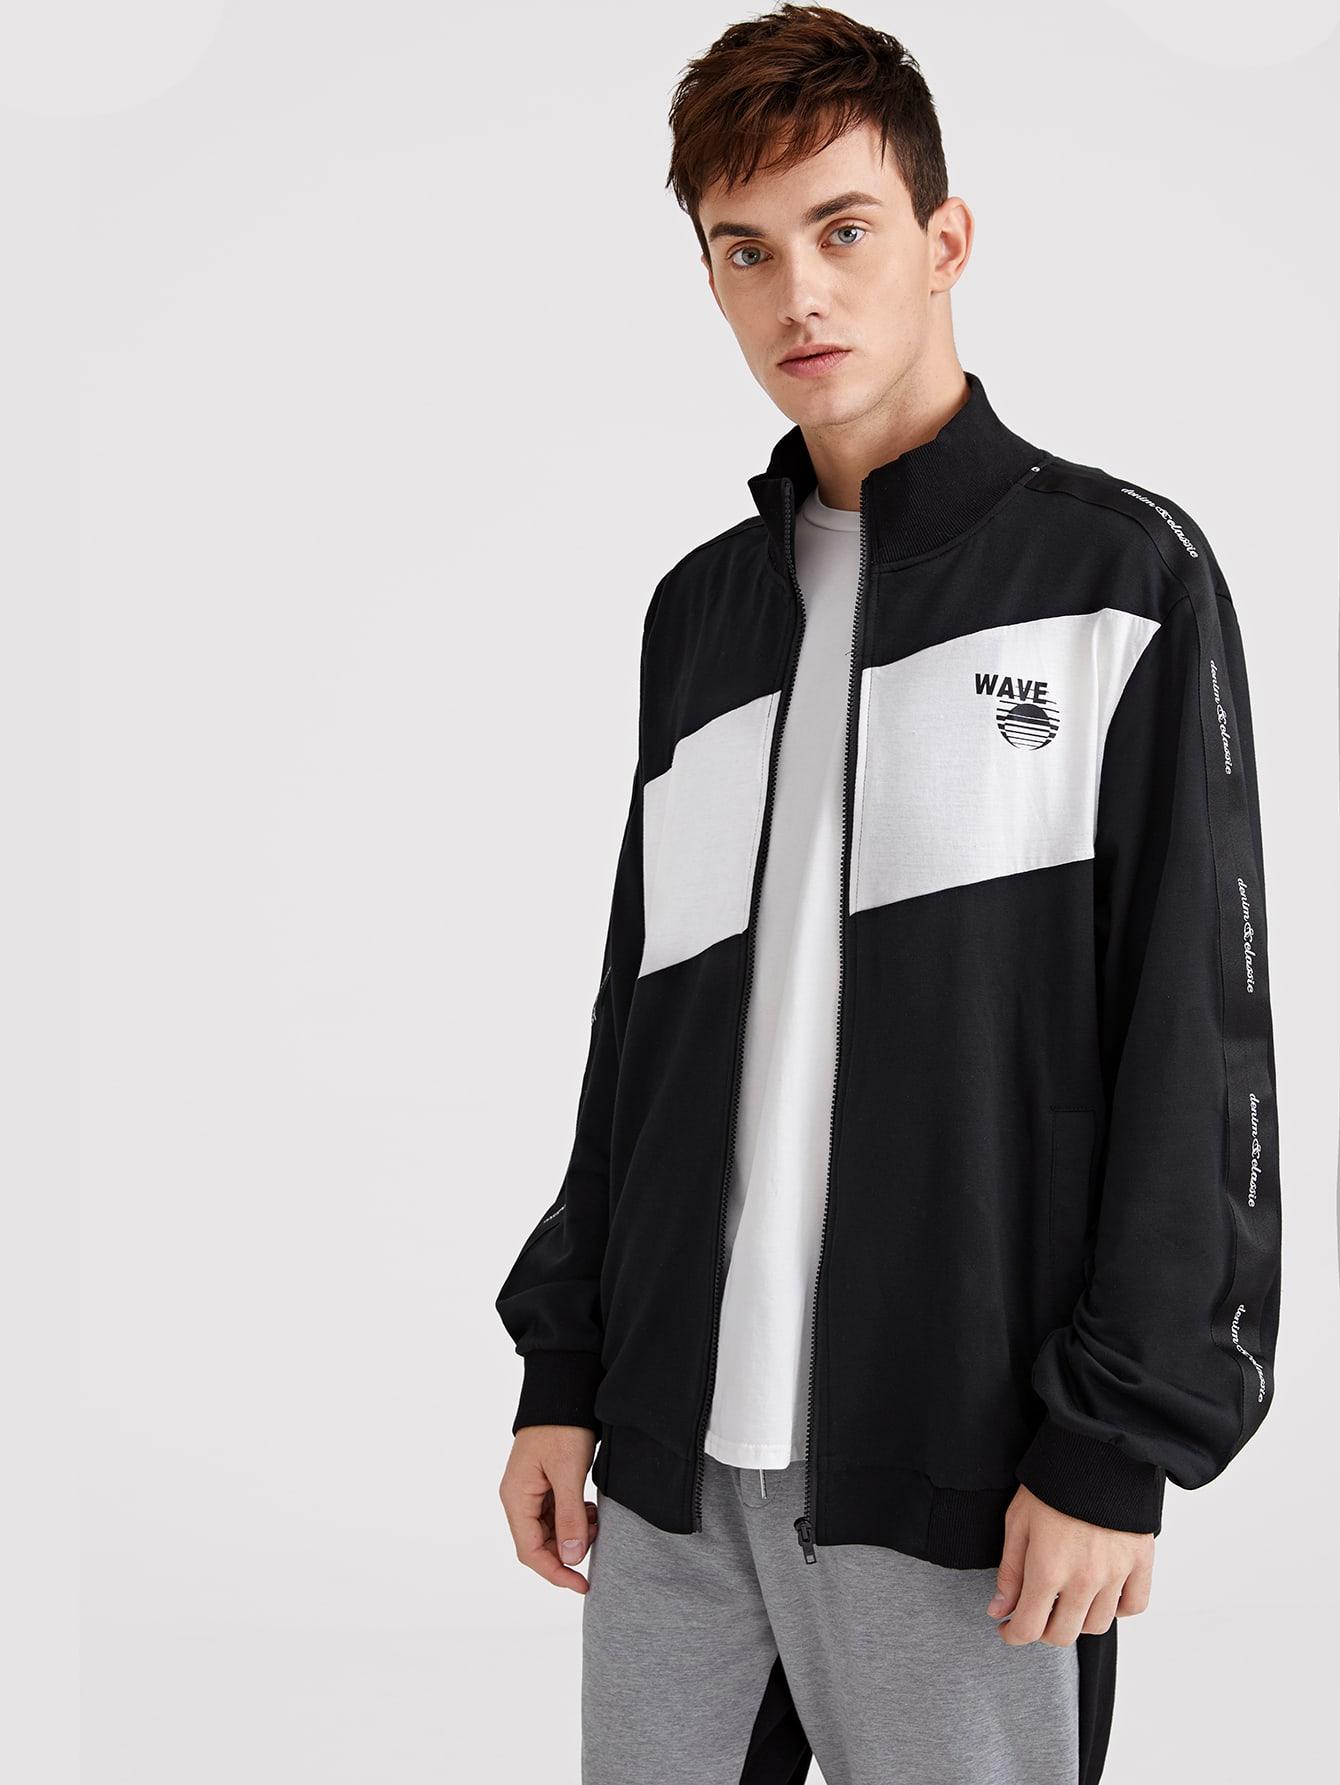 Купить Мужская контрастная куртка на молнии с текстовым и графическим принтом, Valerian, SheIn